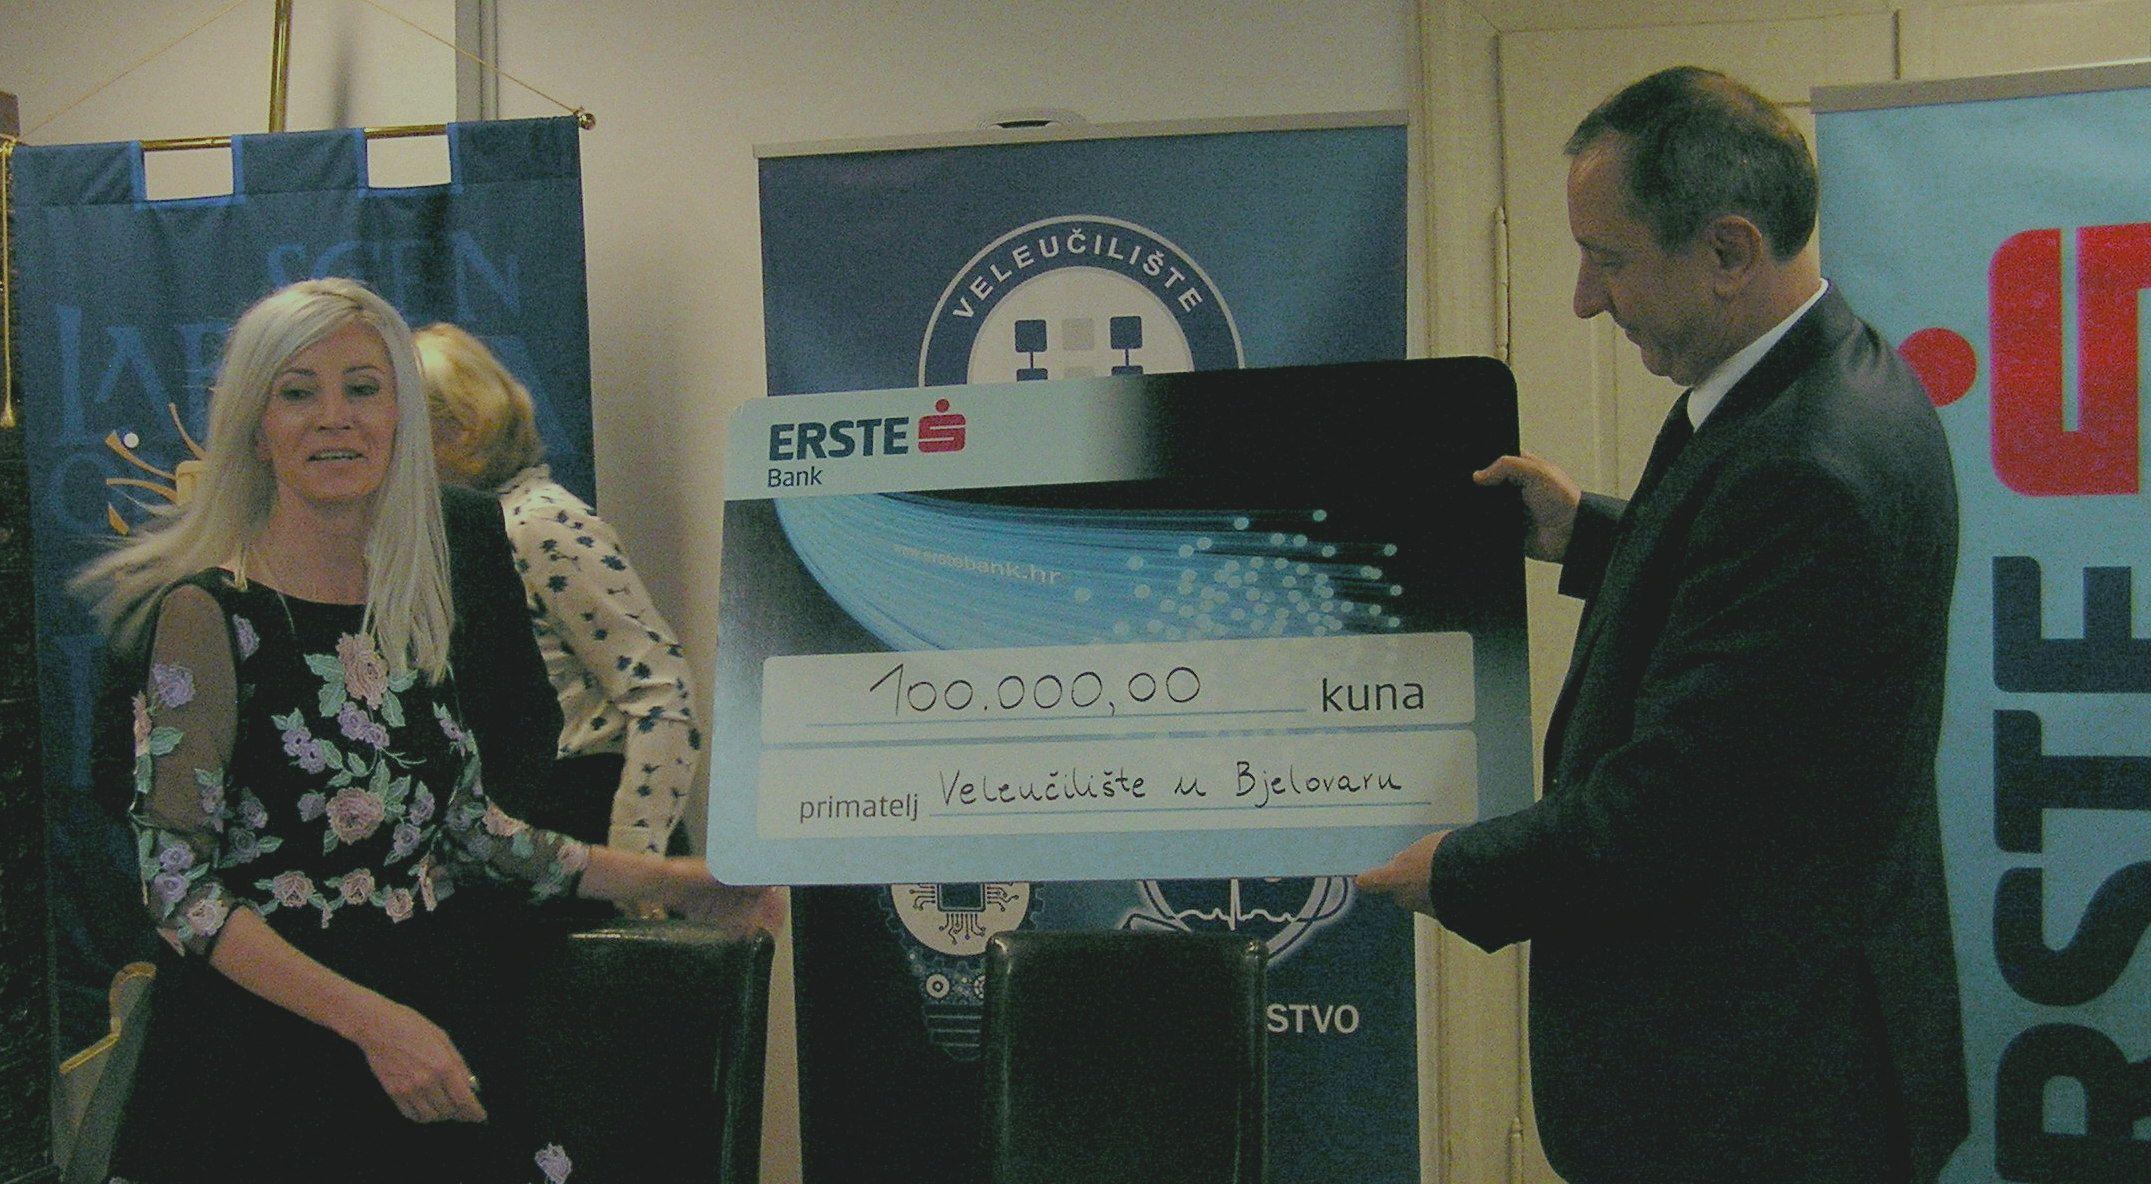 Erste banka za opremanje Veleučilišta u Bjelovaru donirala sto tisuća kuna